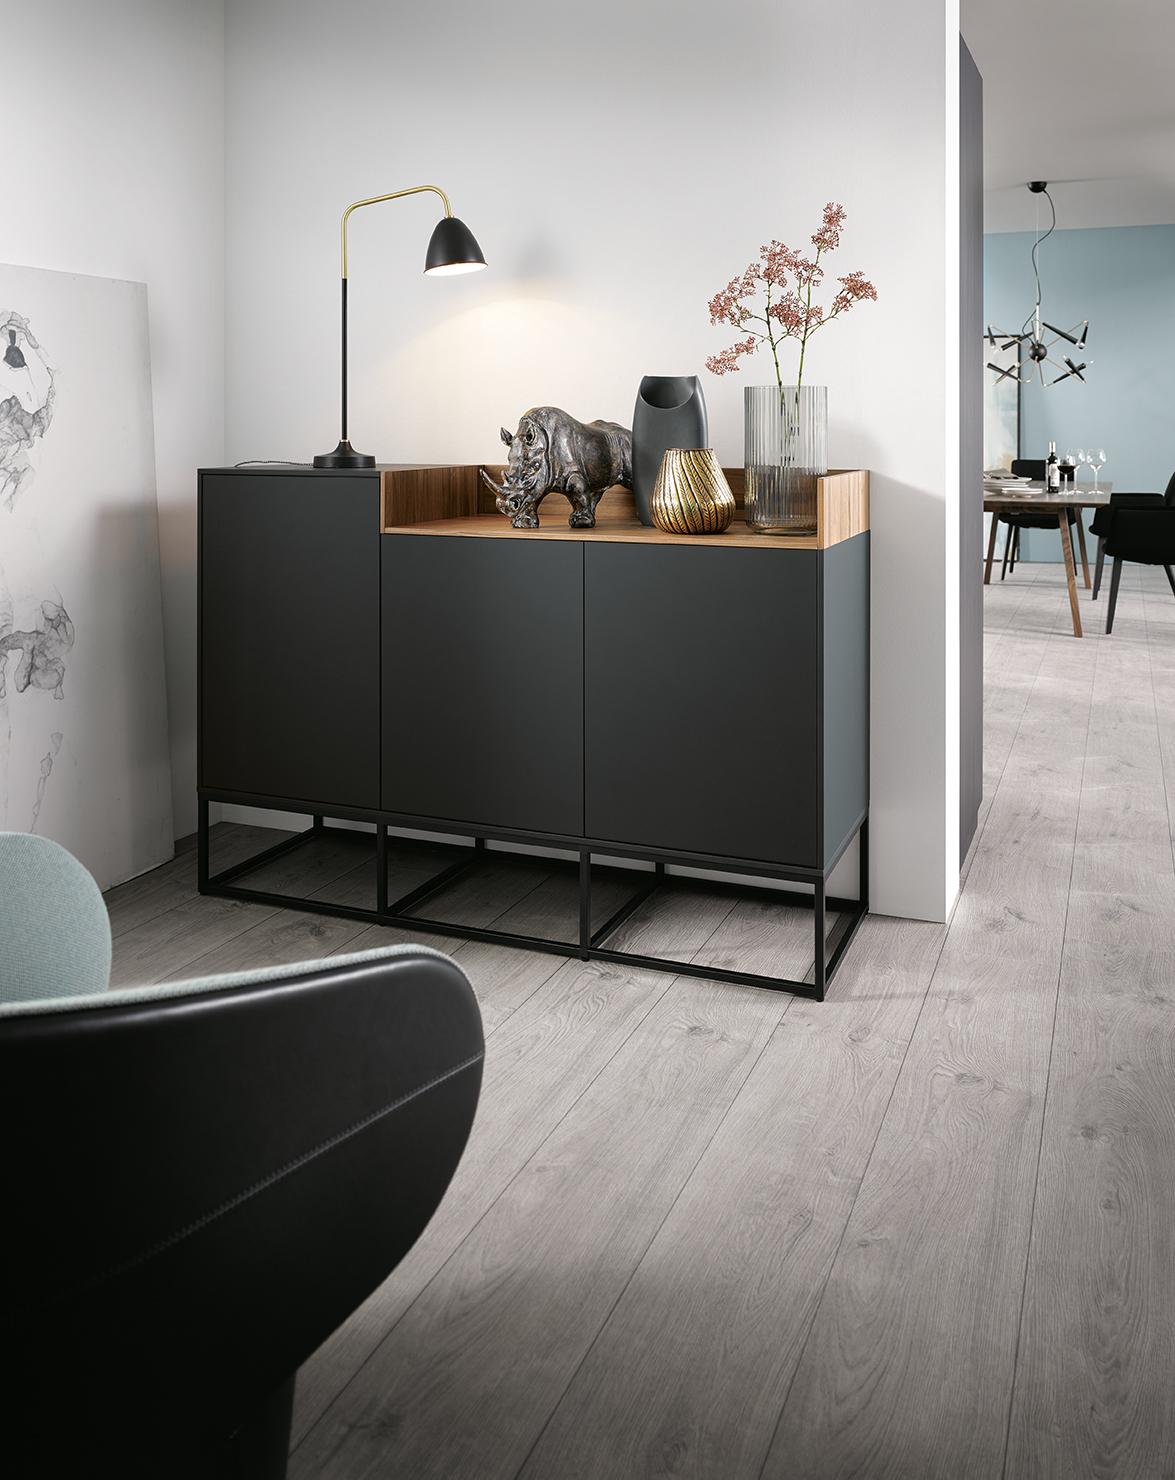 ameublement moderne pour intérieur atmosphère confortable unique contemporaine